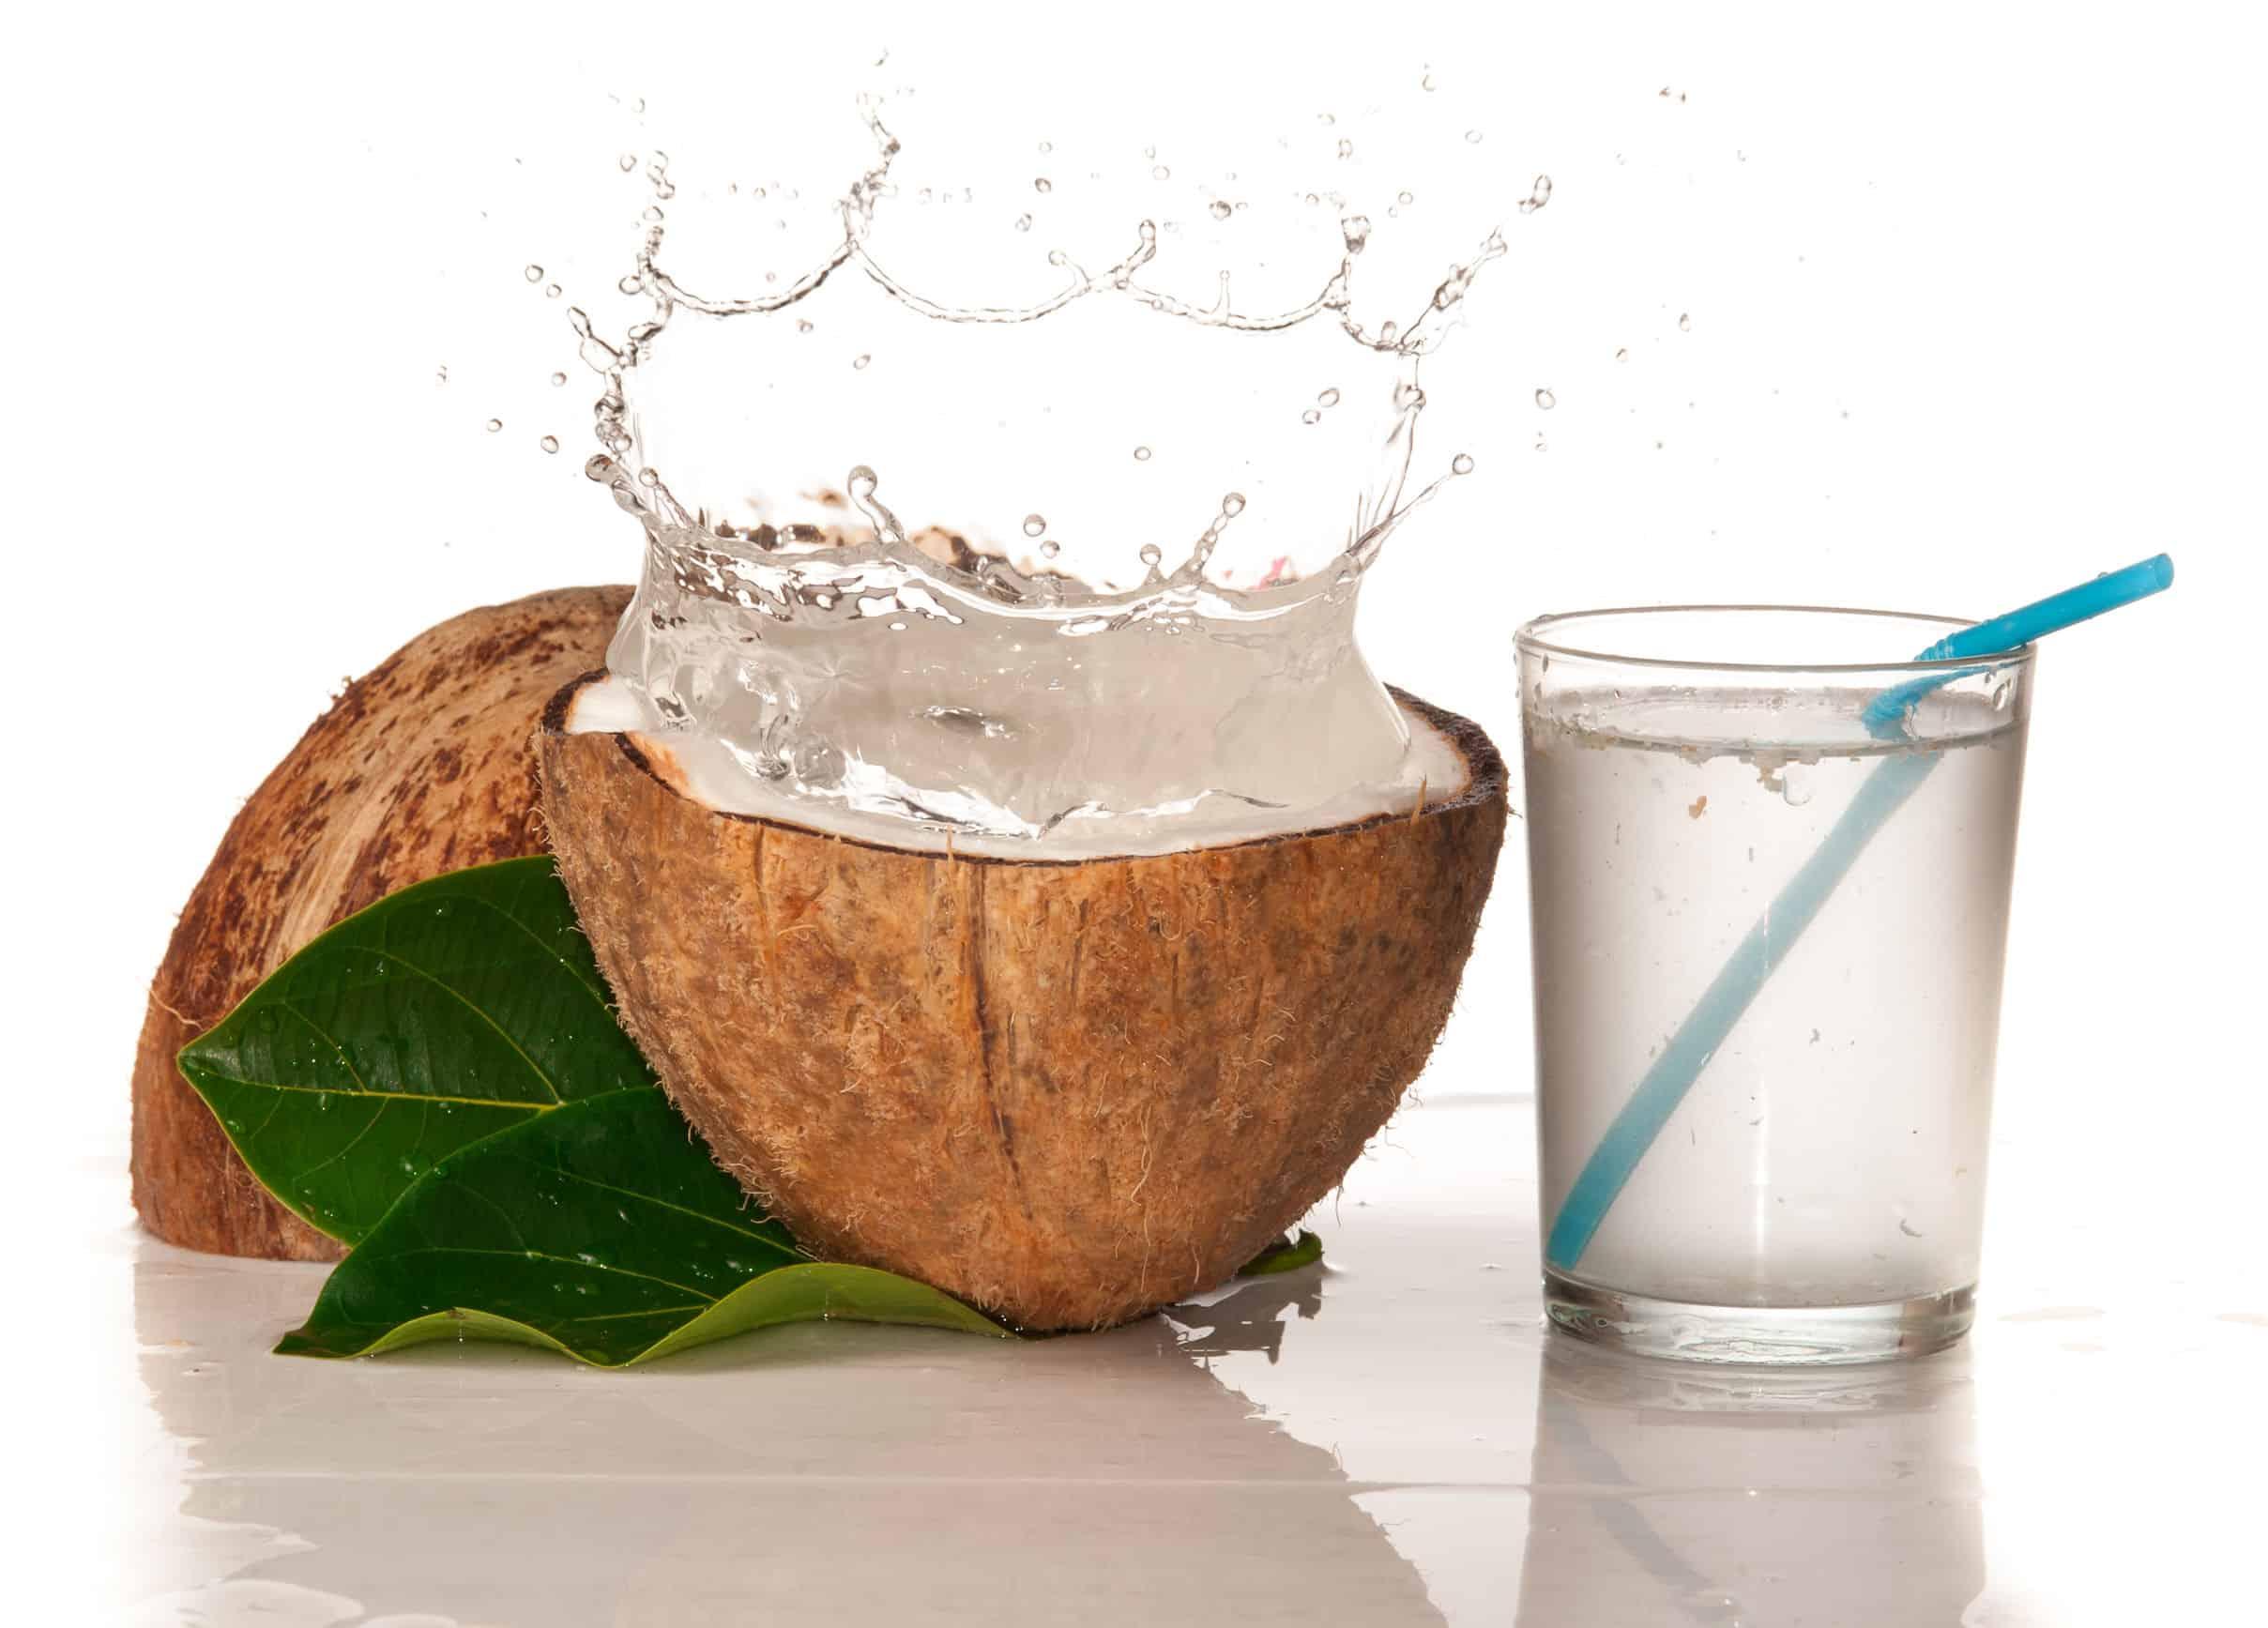 Kokoswasser: Test & Empfehlungen (07/20)